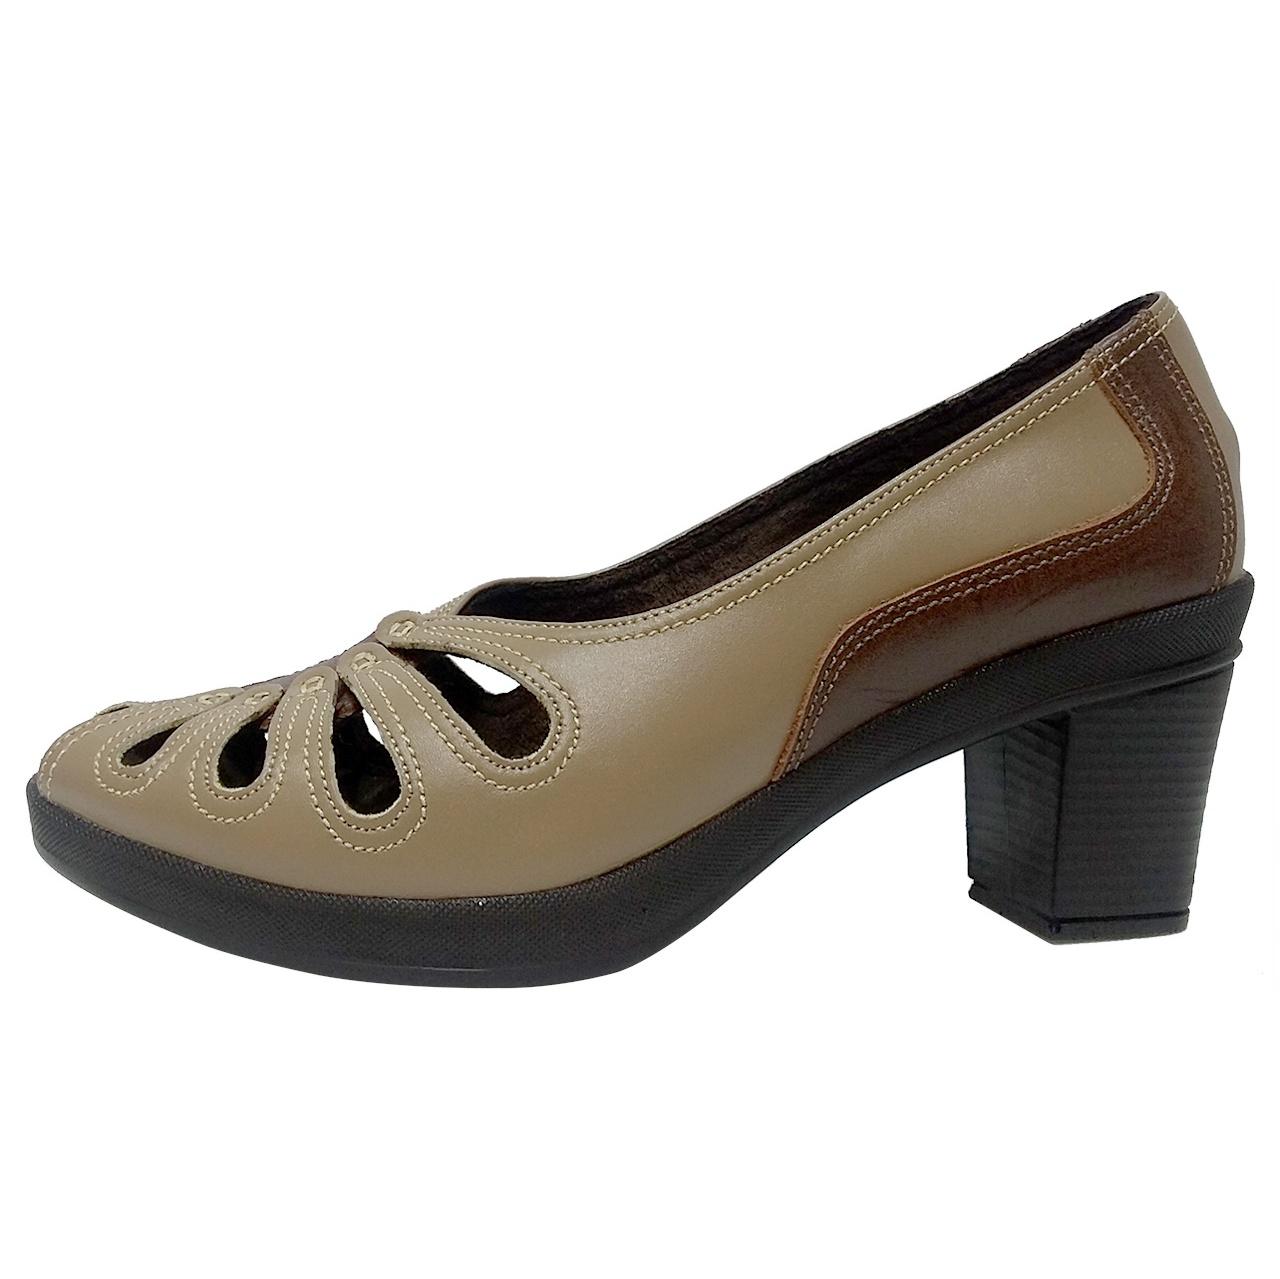 خرید                      کفش طبی زنانه روشن مدل 211 کد 04